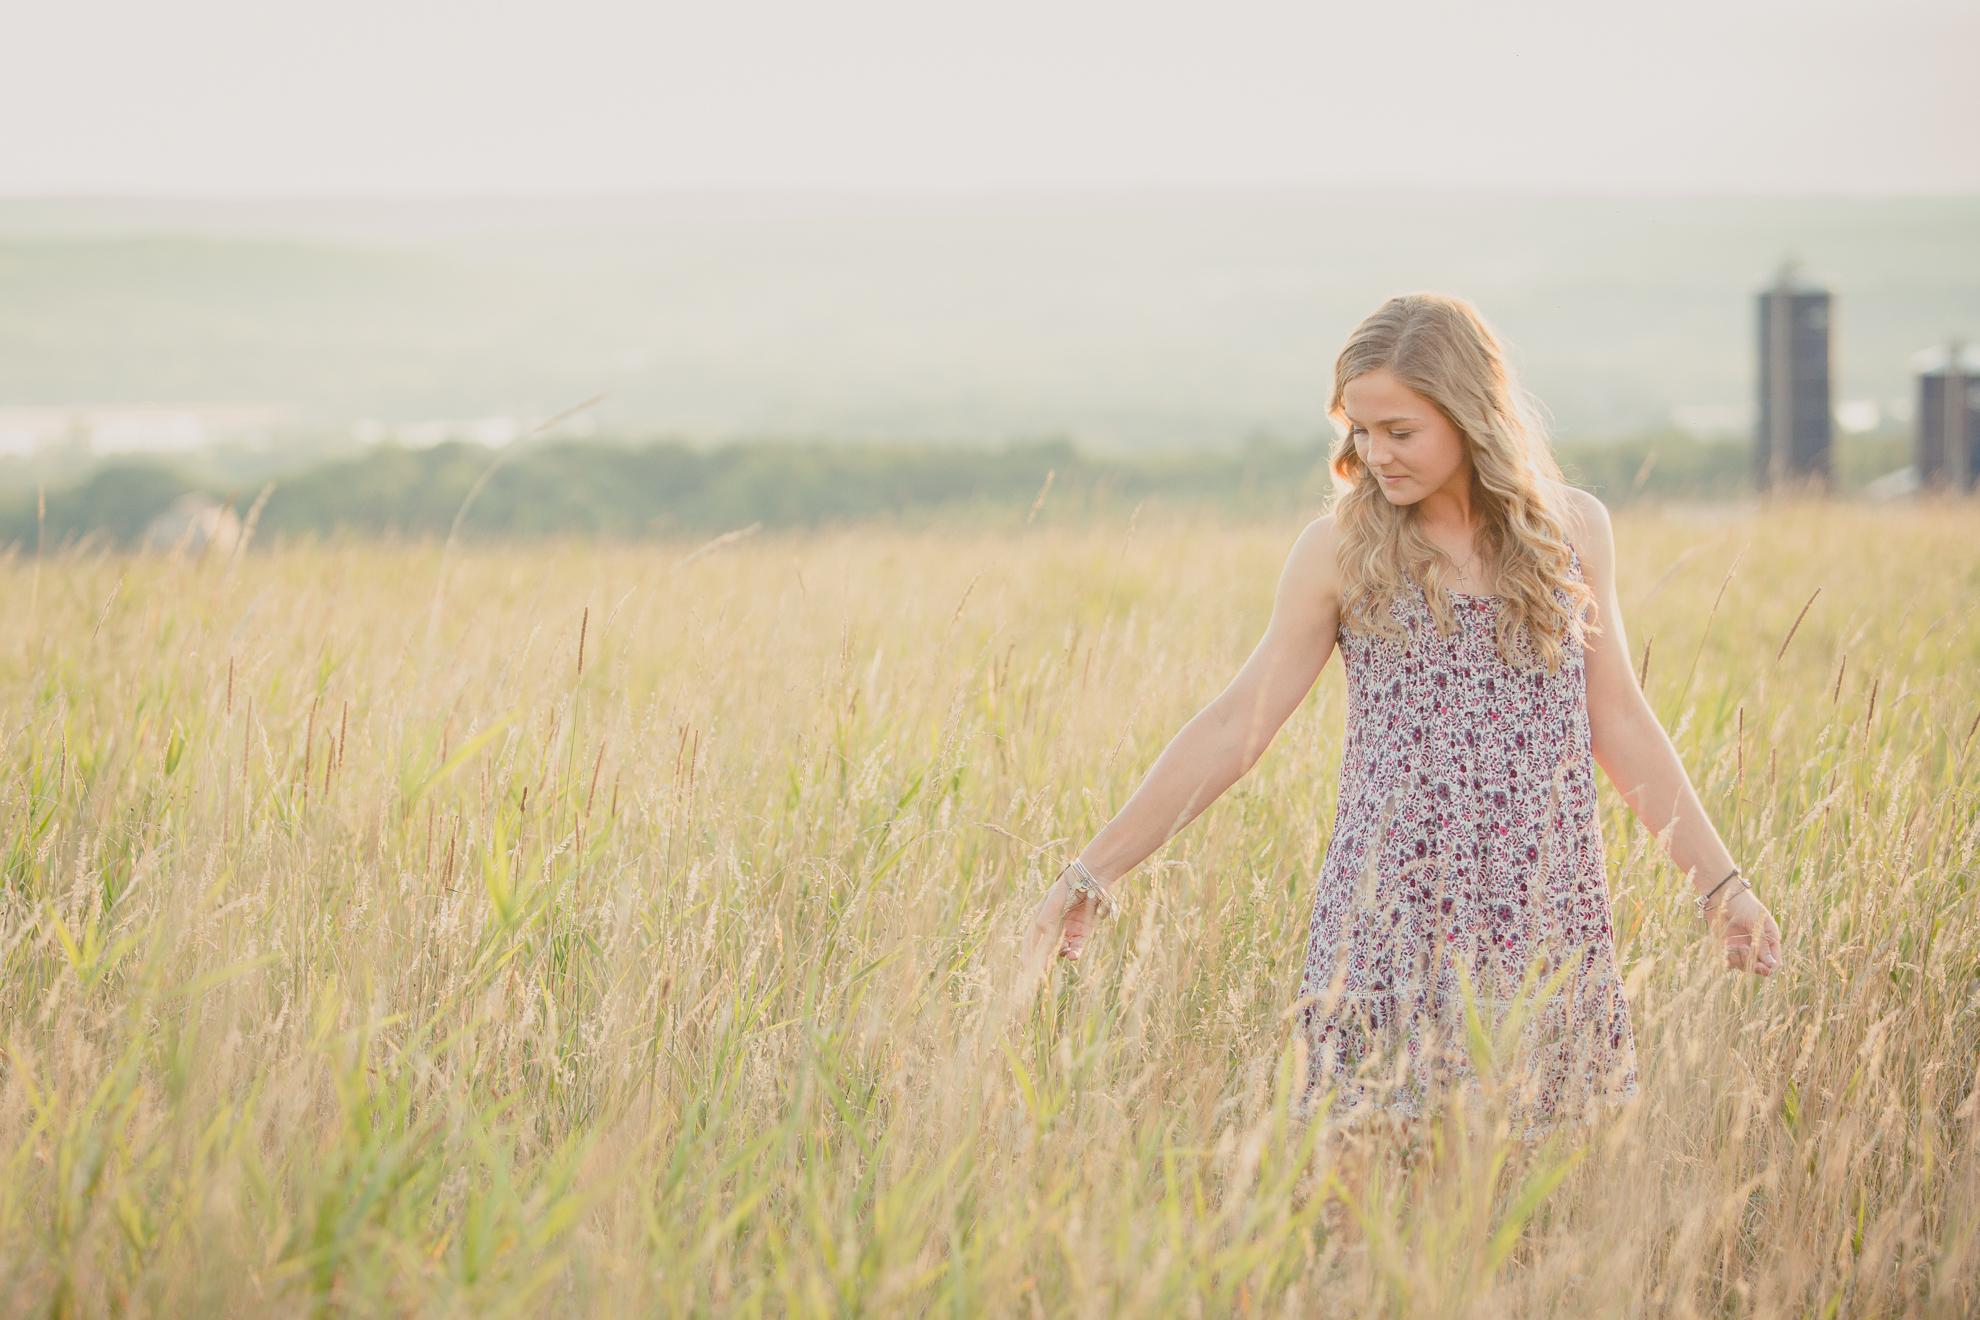 senior portrait photography of Dana in field near Buffalo, NY